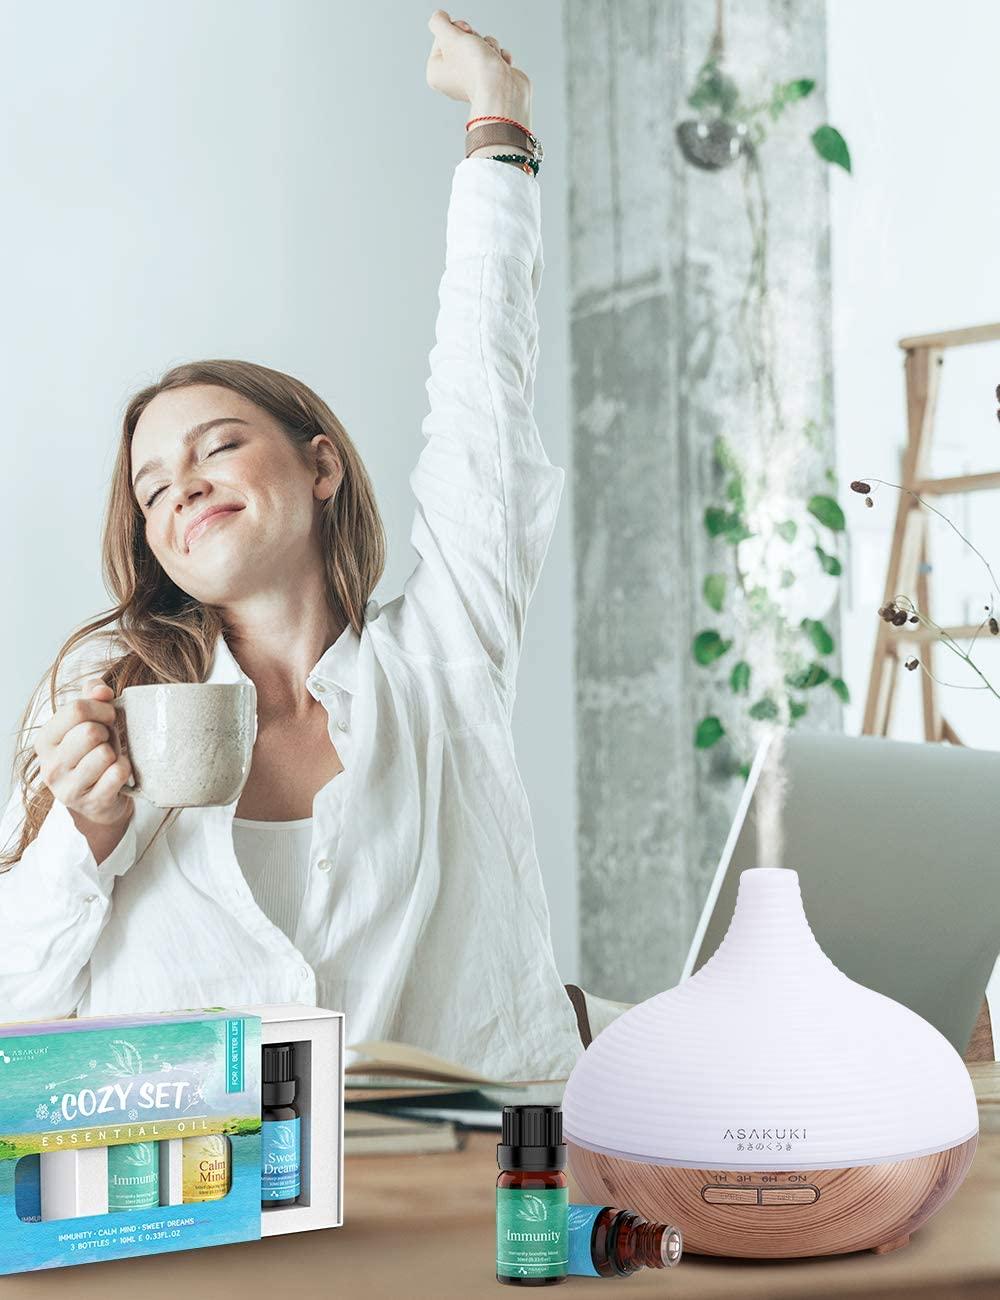 ASAKUKI Top3 Essential Oils Gift Set – 100% Pure Therapeutic Grade